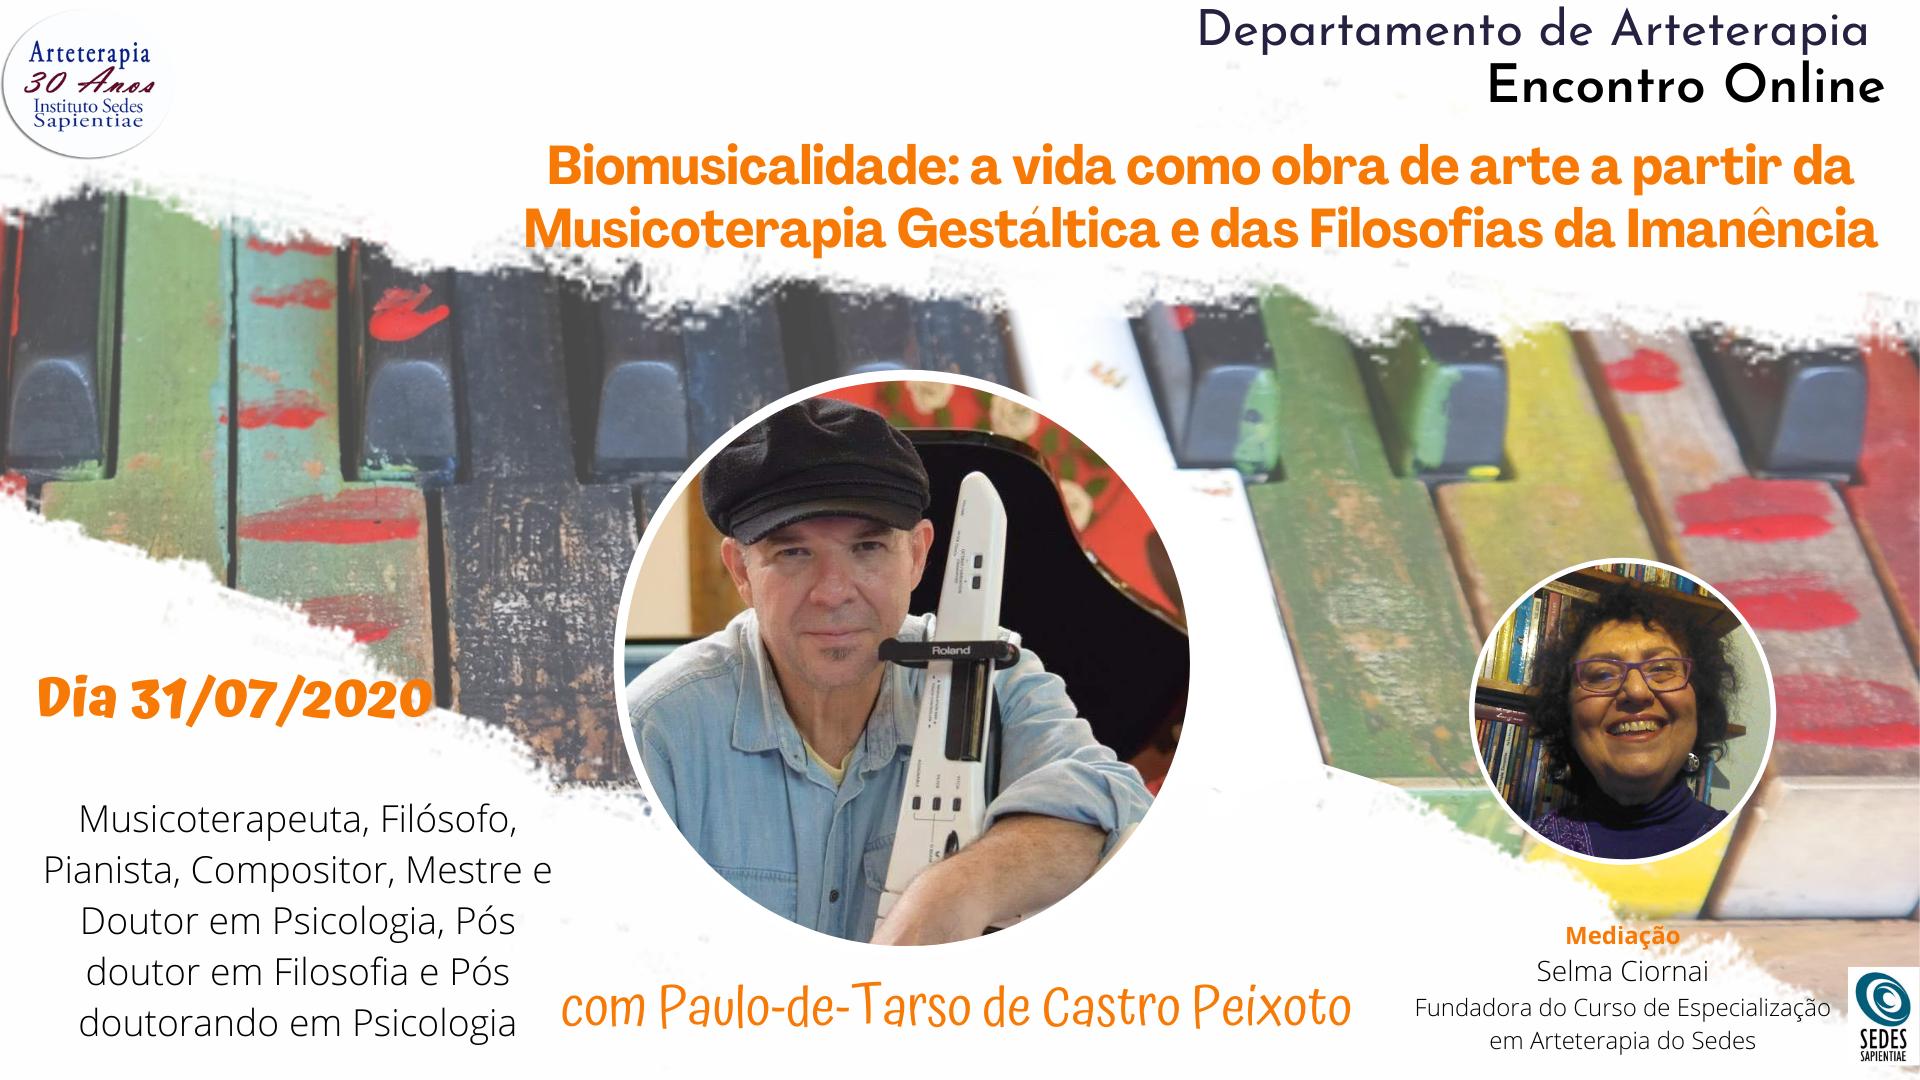 Biomusicalidade com Paulo de Tarso de Castro Peixoto